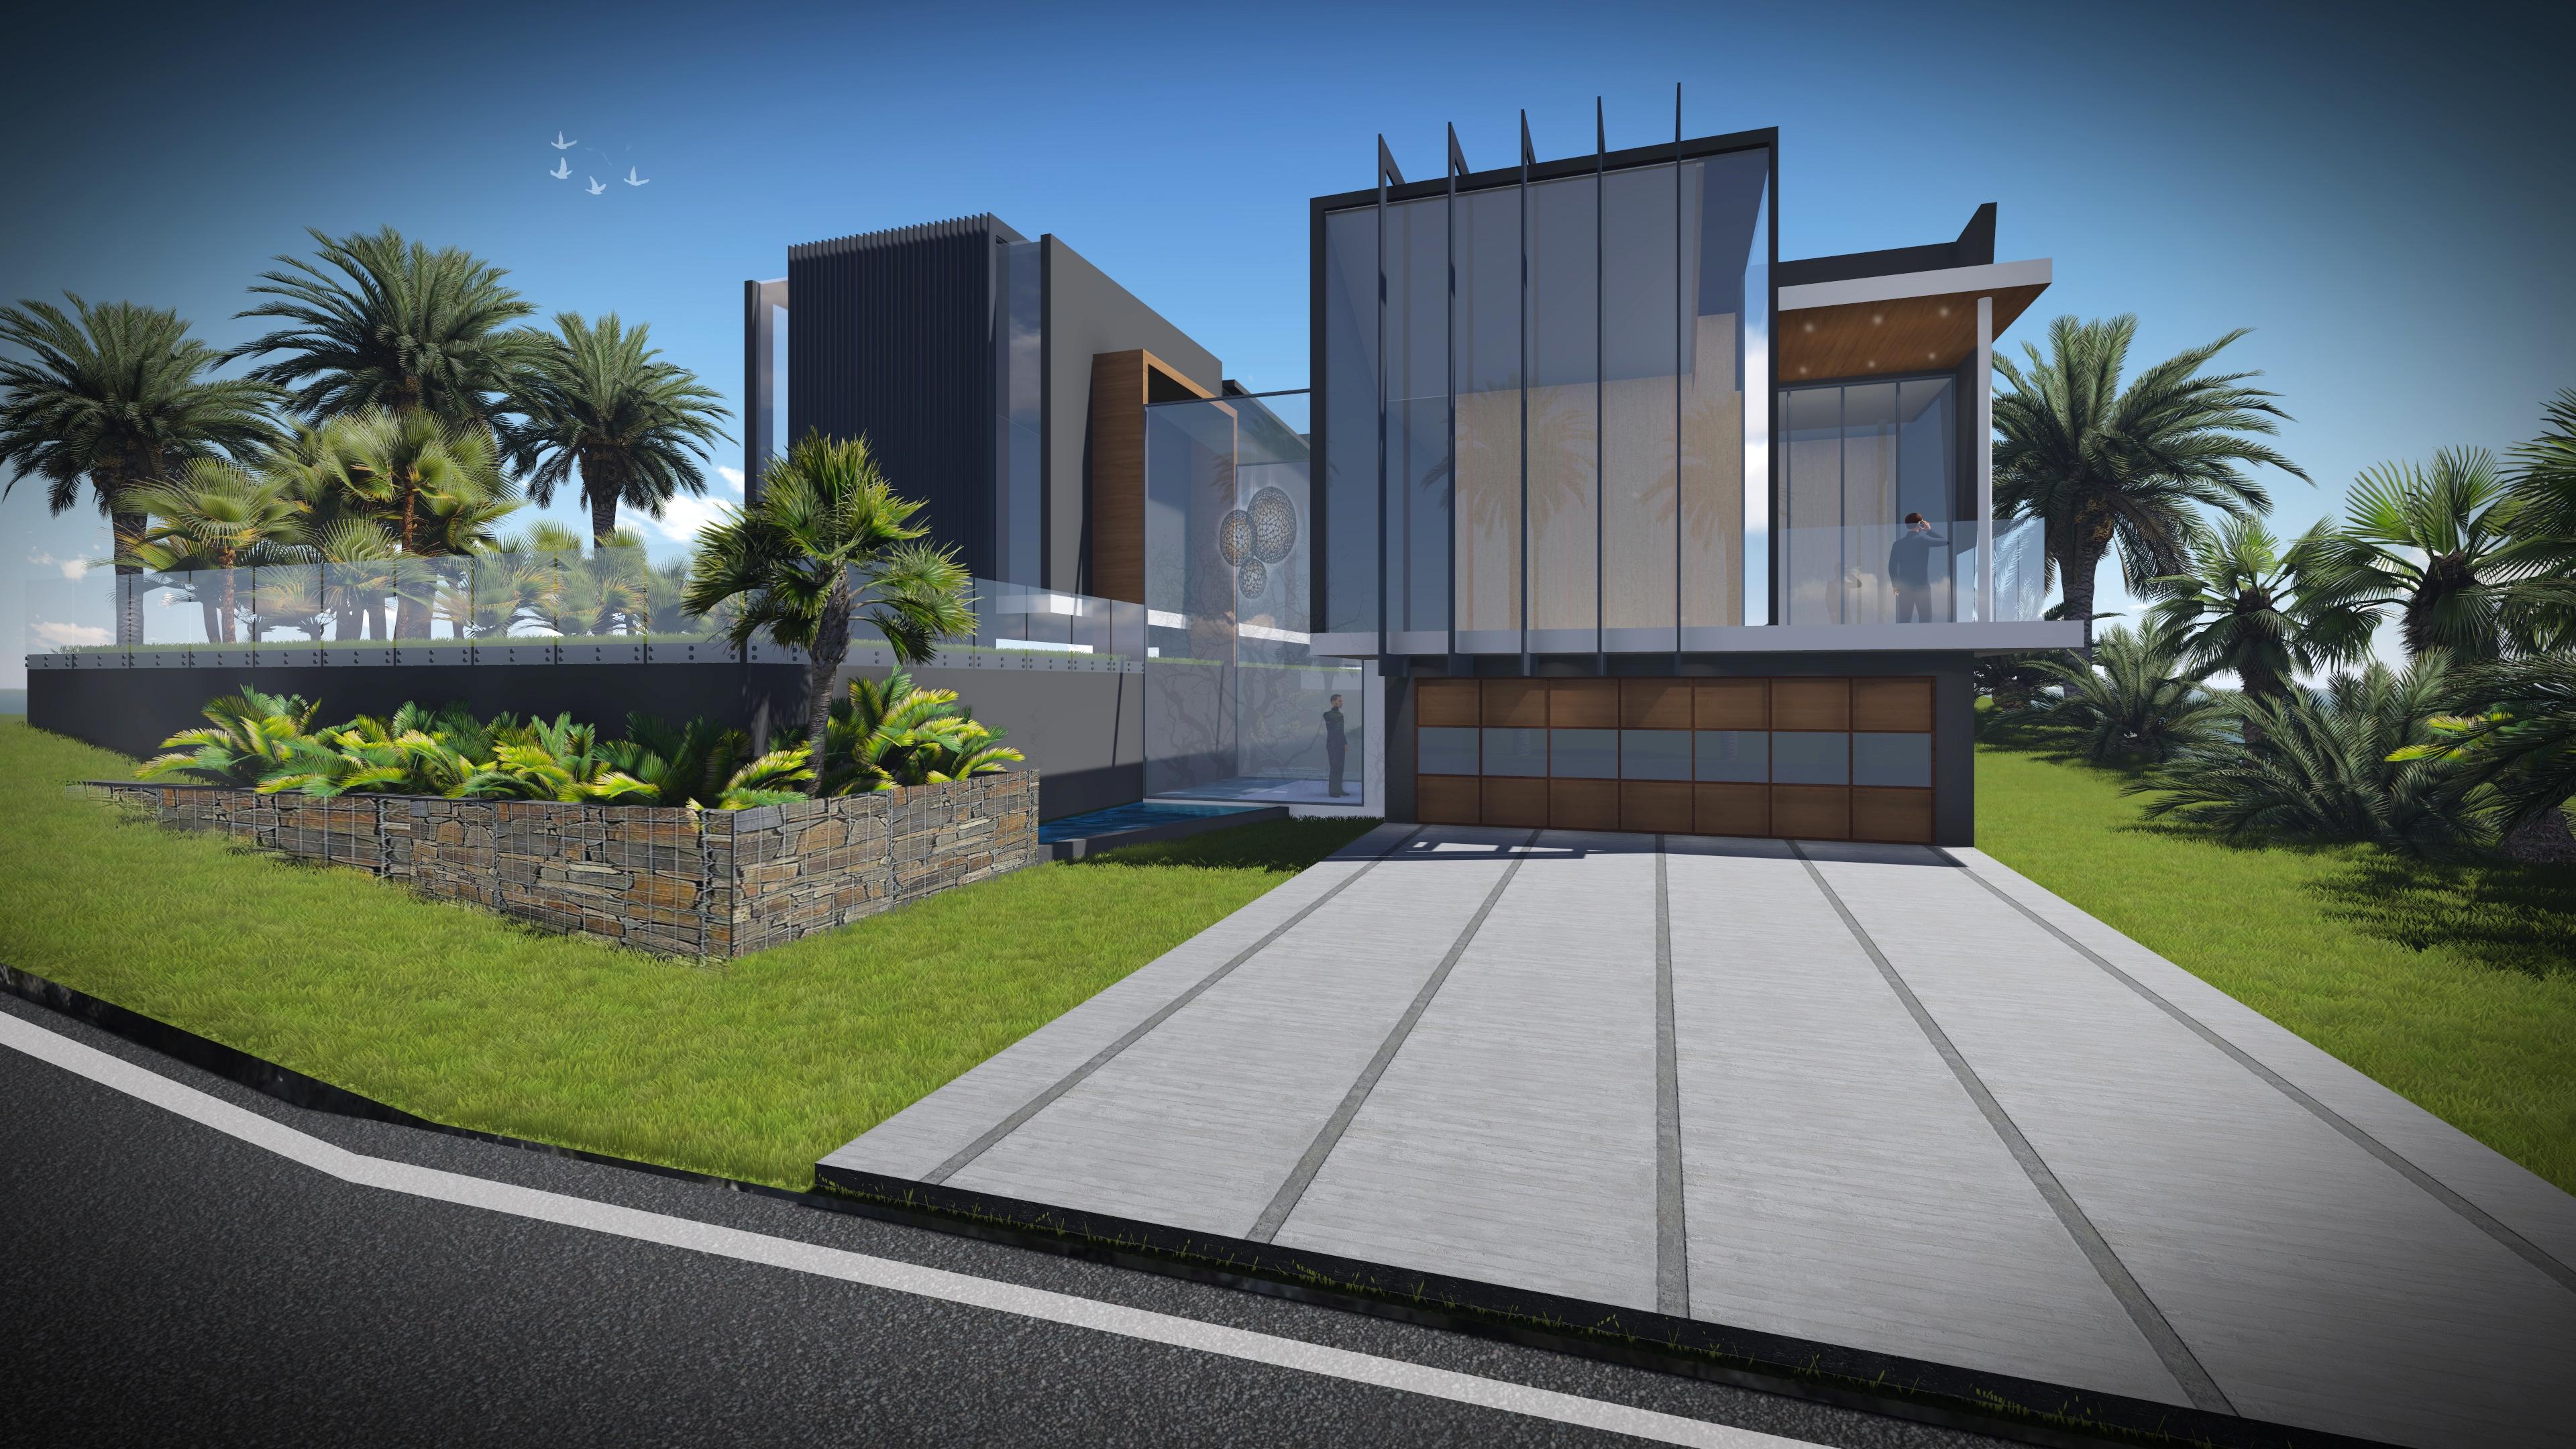 Beach house concept zest building design drafting noosa for Beach house design concept